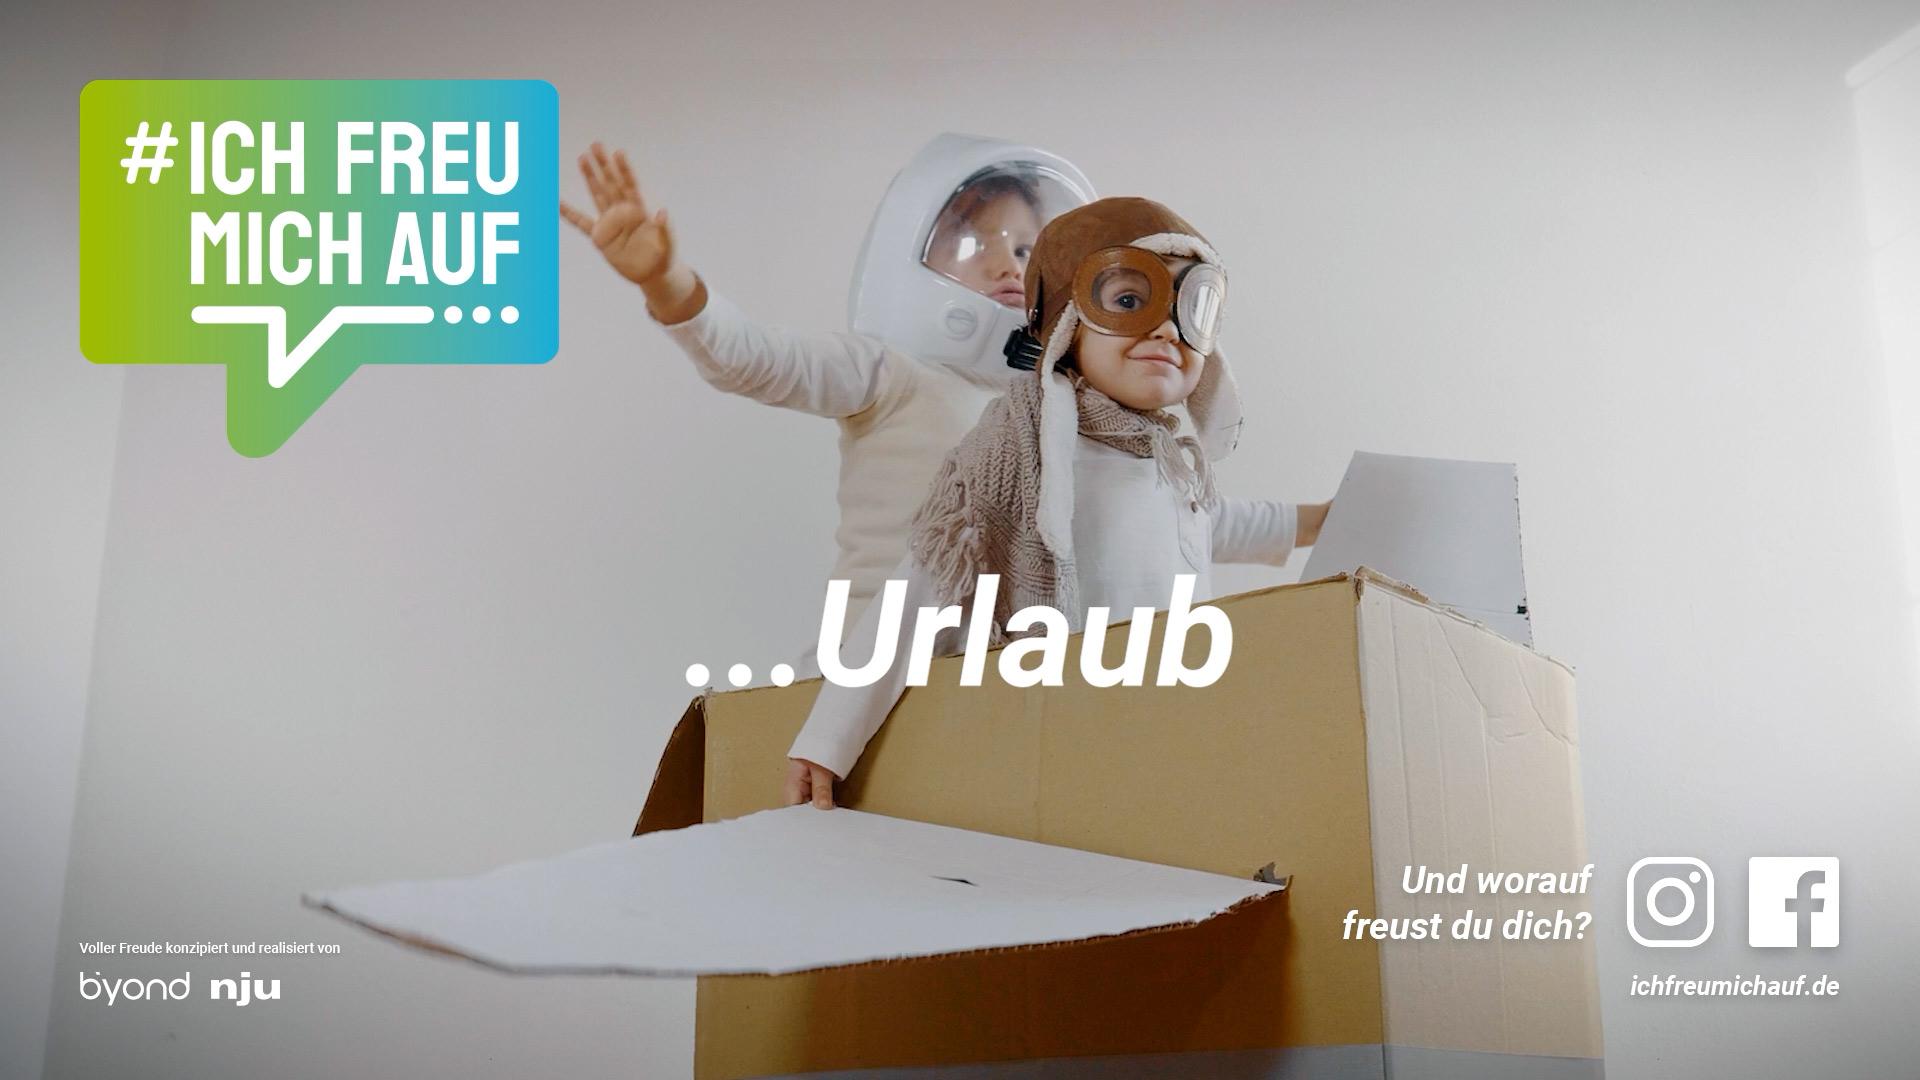 ichfreumichauf-2